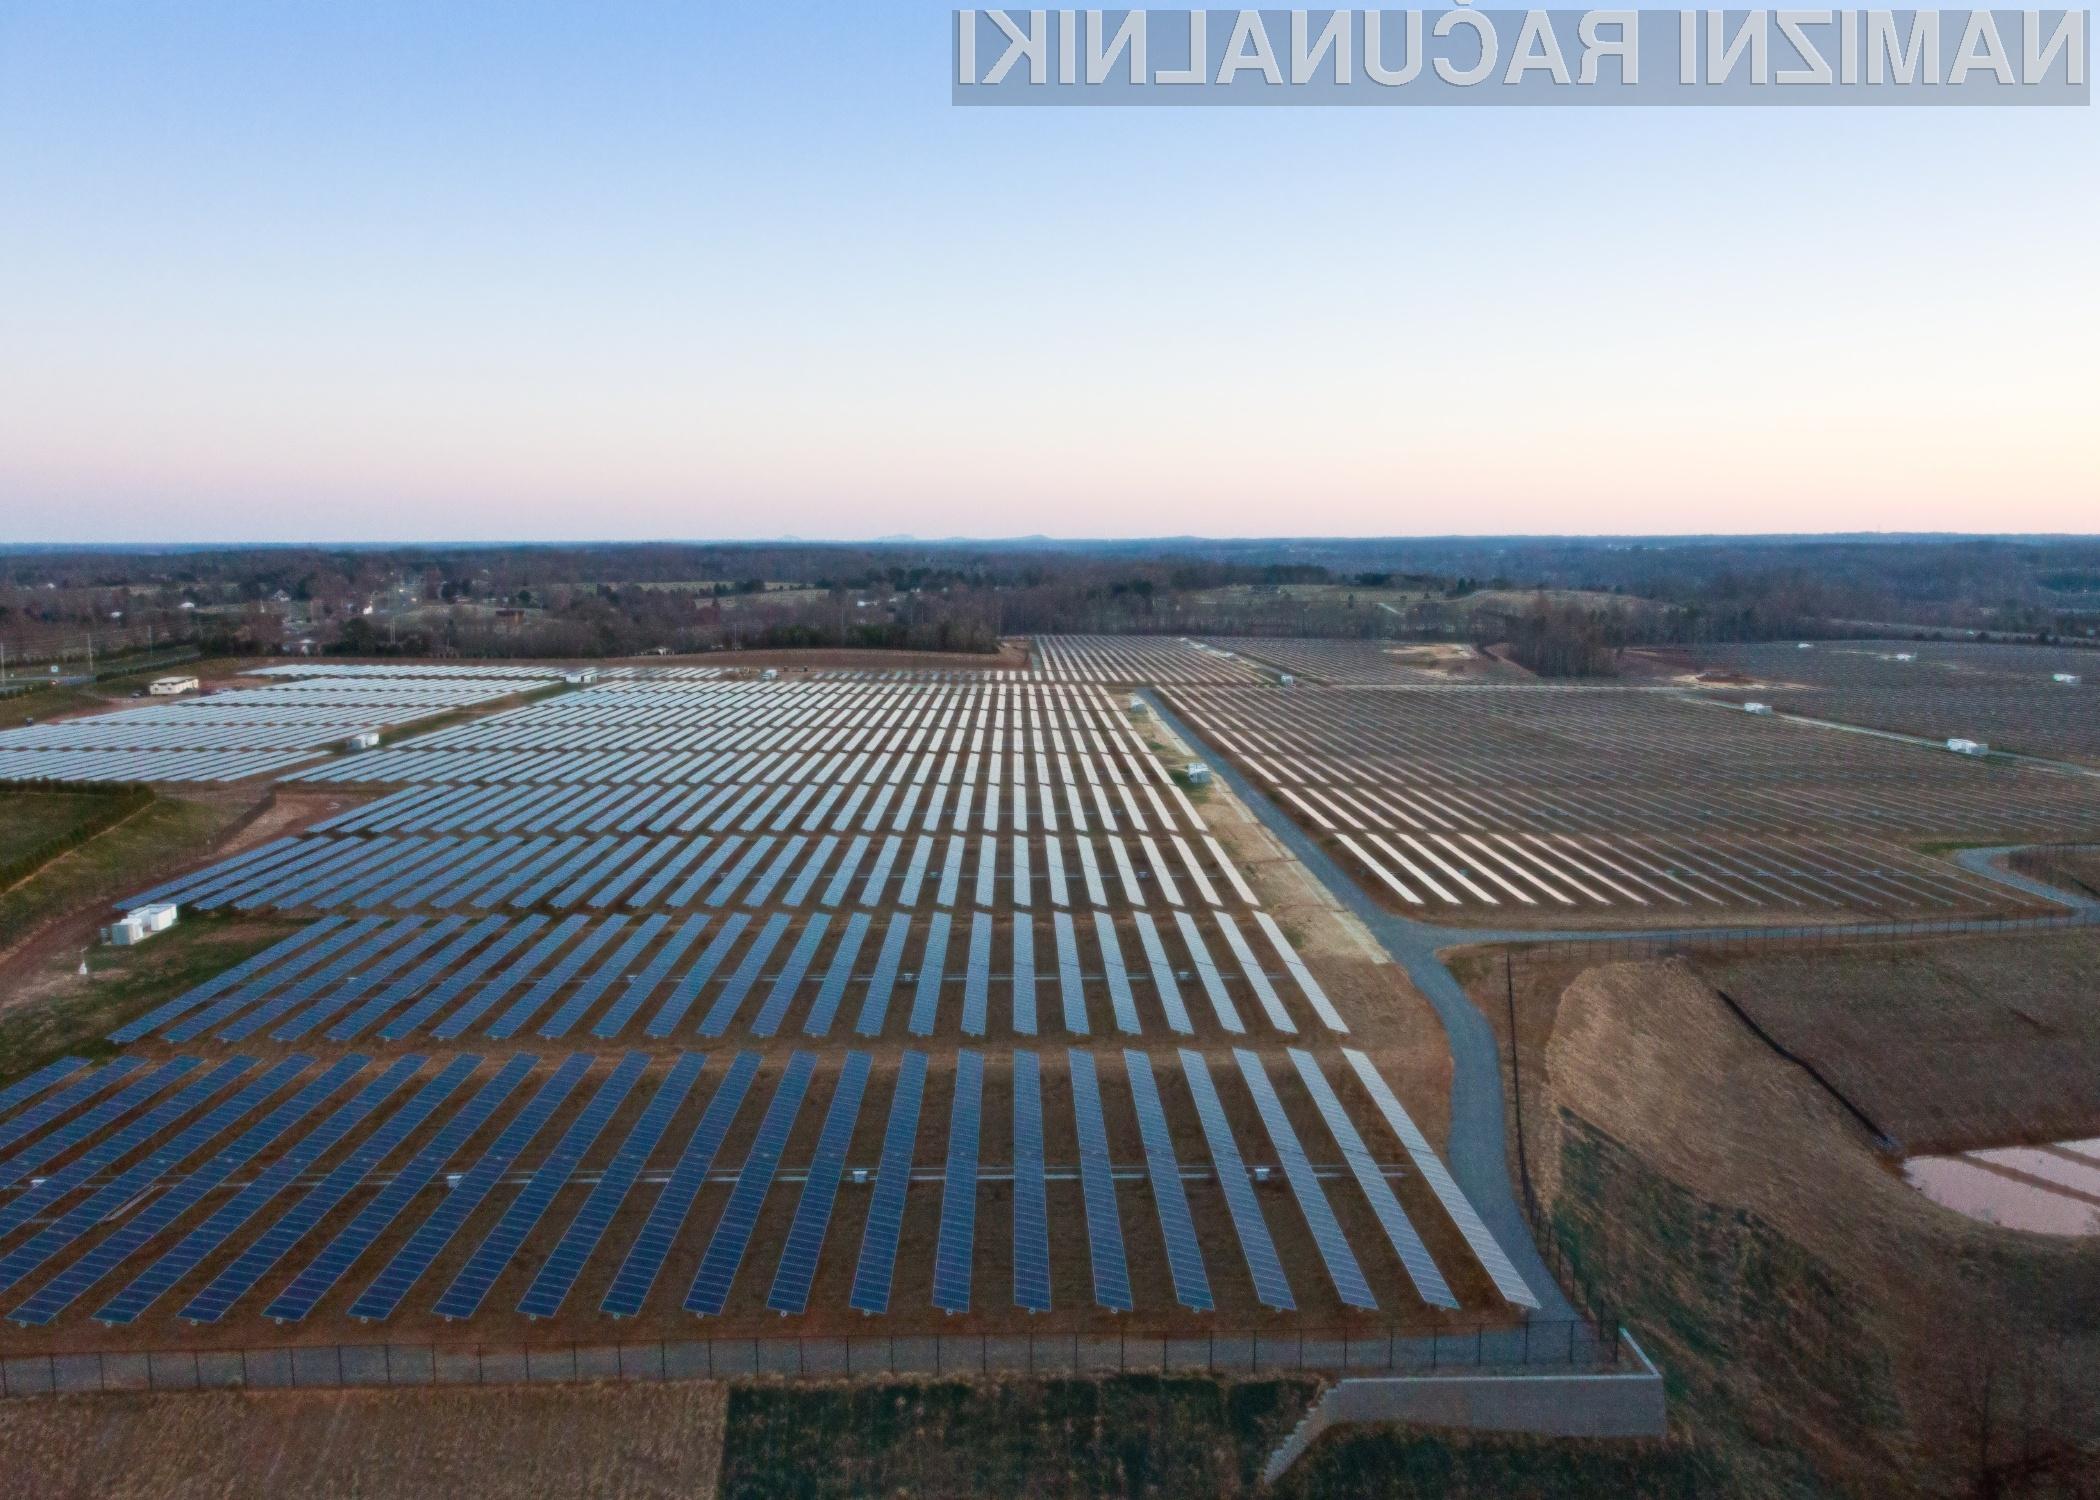 Solarne avtoceste kot vir električne energije